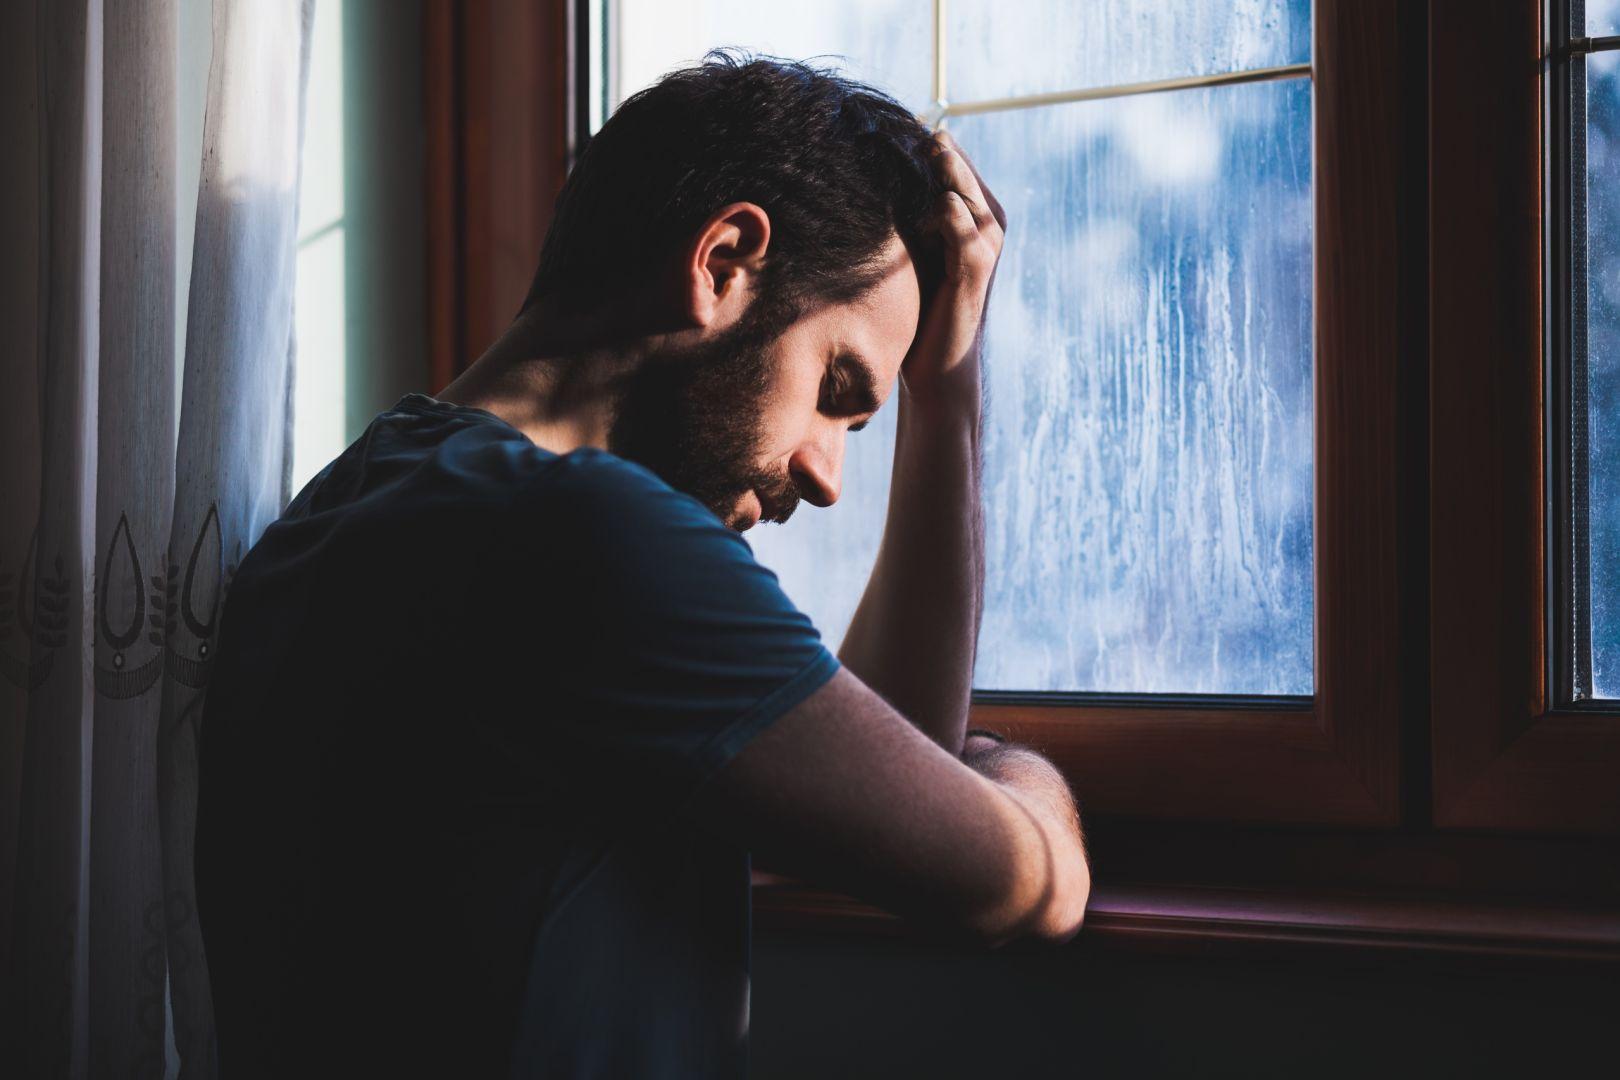 بالصور صور رجل حزين , اقوى الصور المعبرة عن حزن الرجل 5247 5